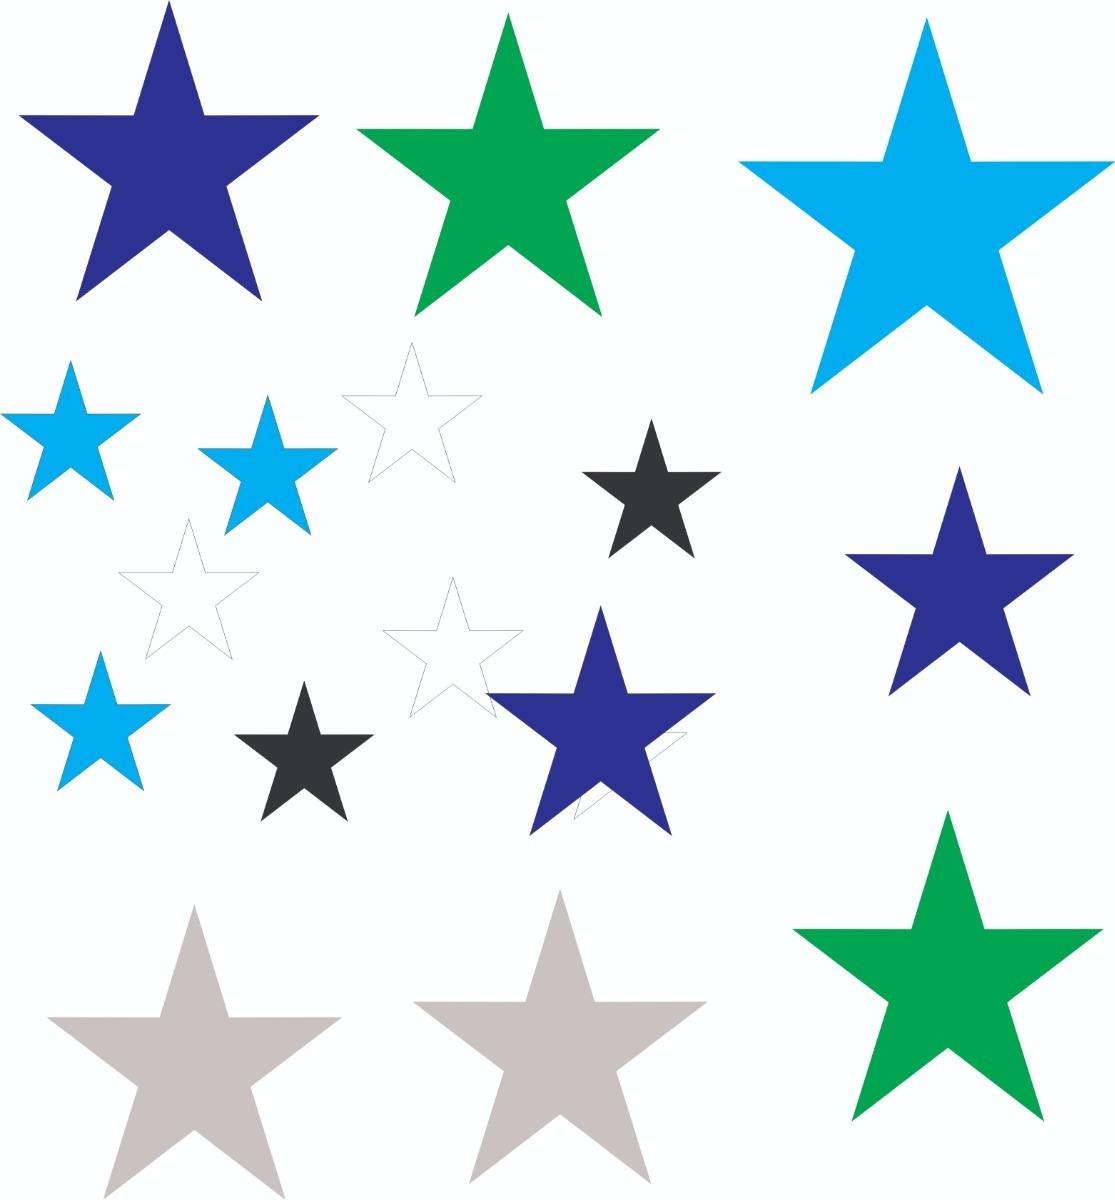 2cfa84397e5 Vinilos decorativos formas corazones circulos estrellas cargando zoom jpg  1115x1200 Formas de estrellas